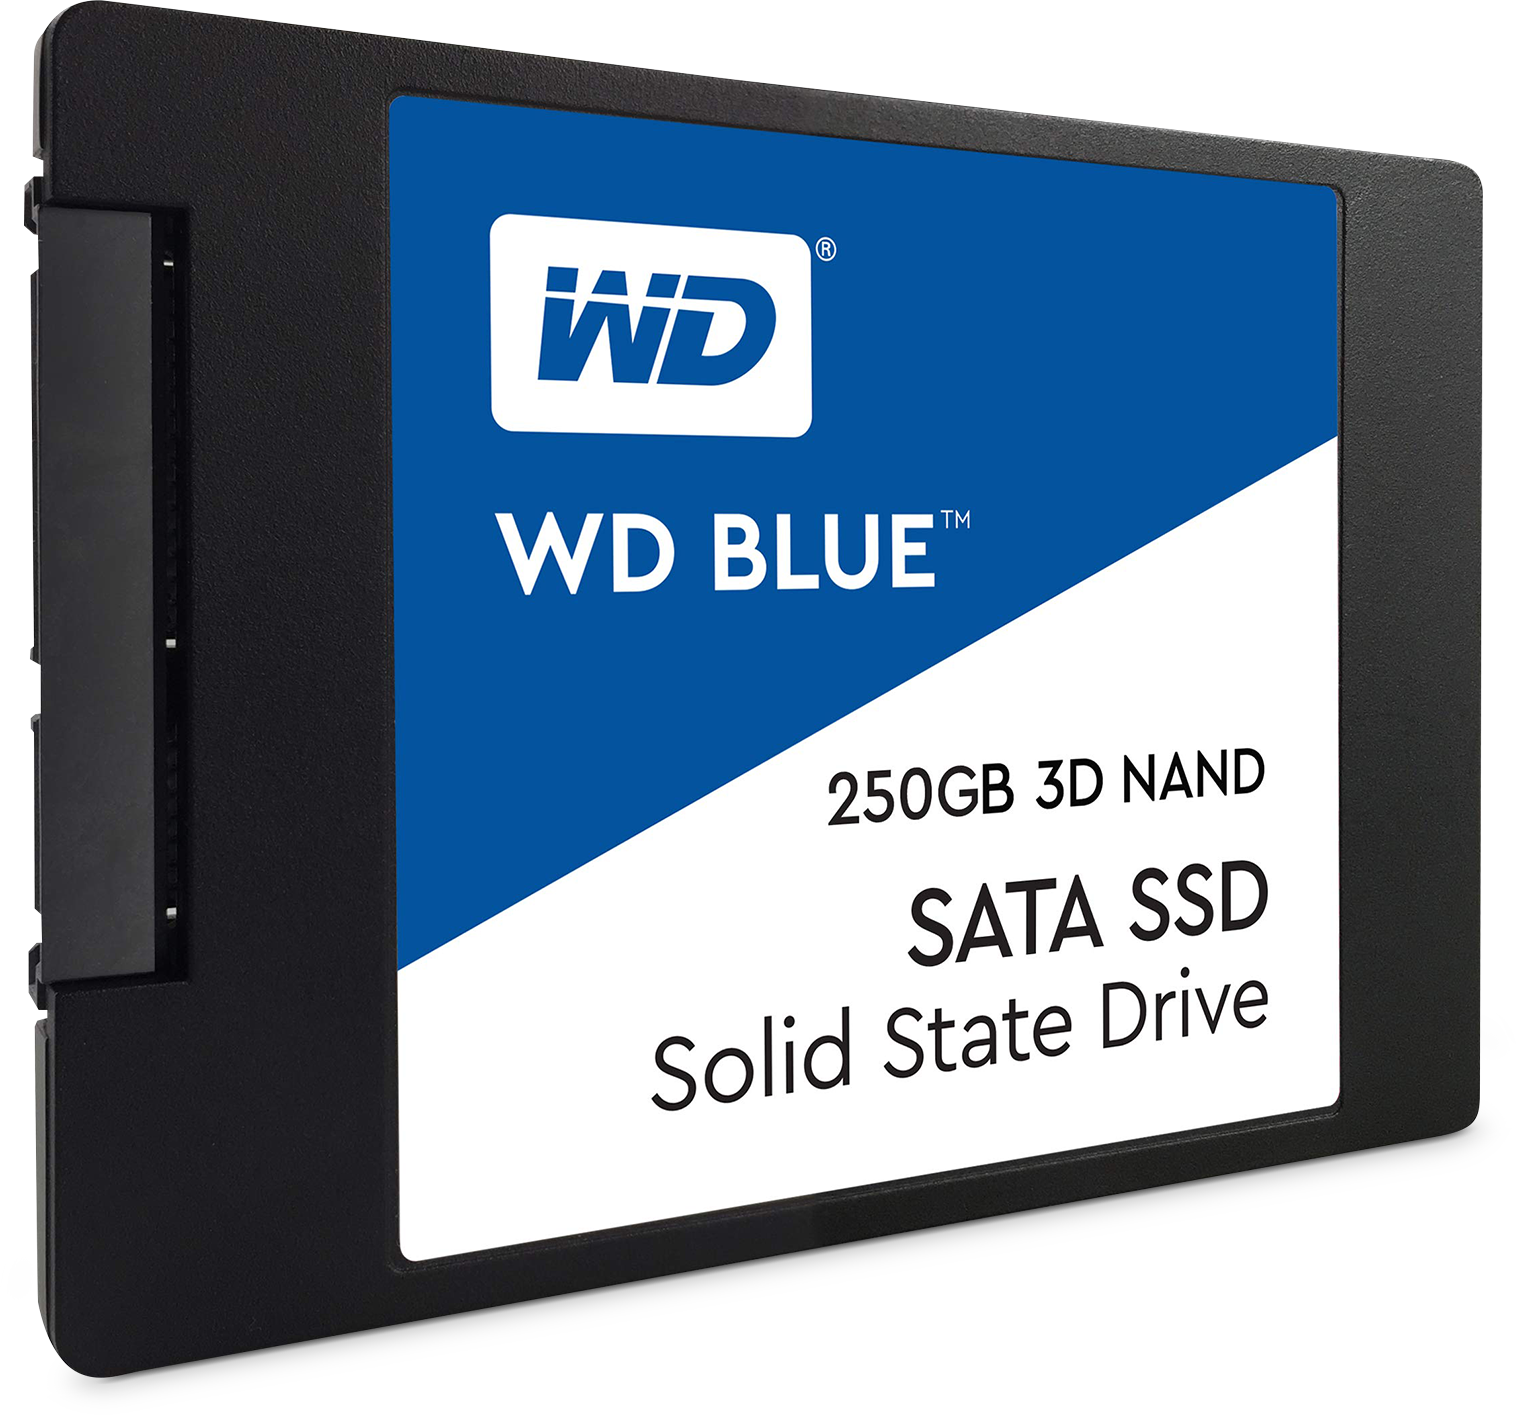 RE3zvdl?ver=fec1 - Western Digital Blue 3D NAND SATA SSD